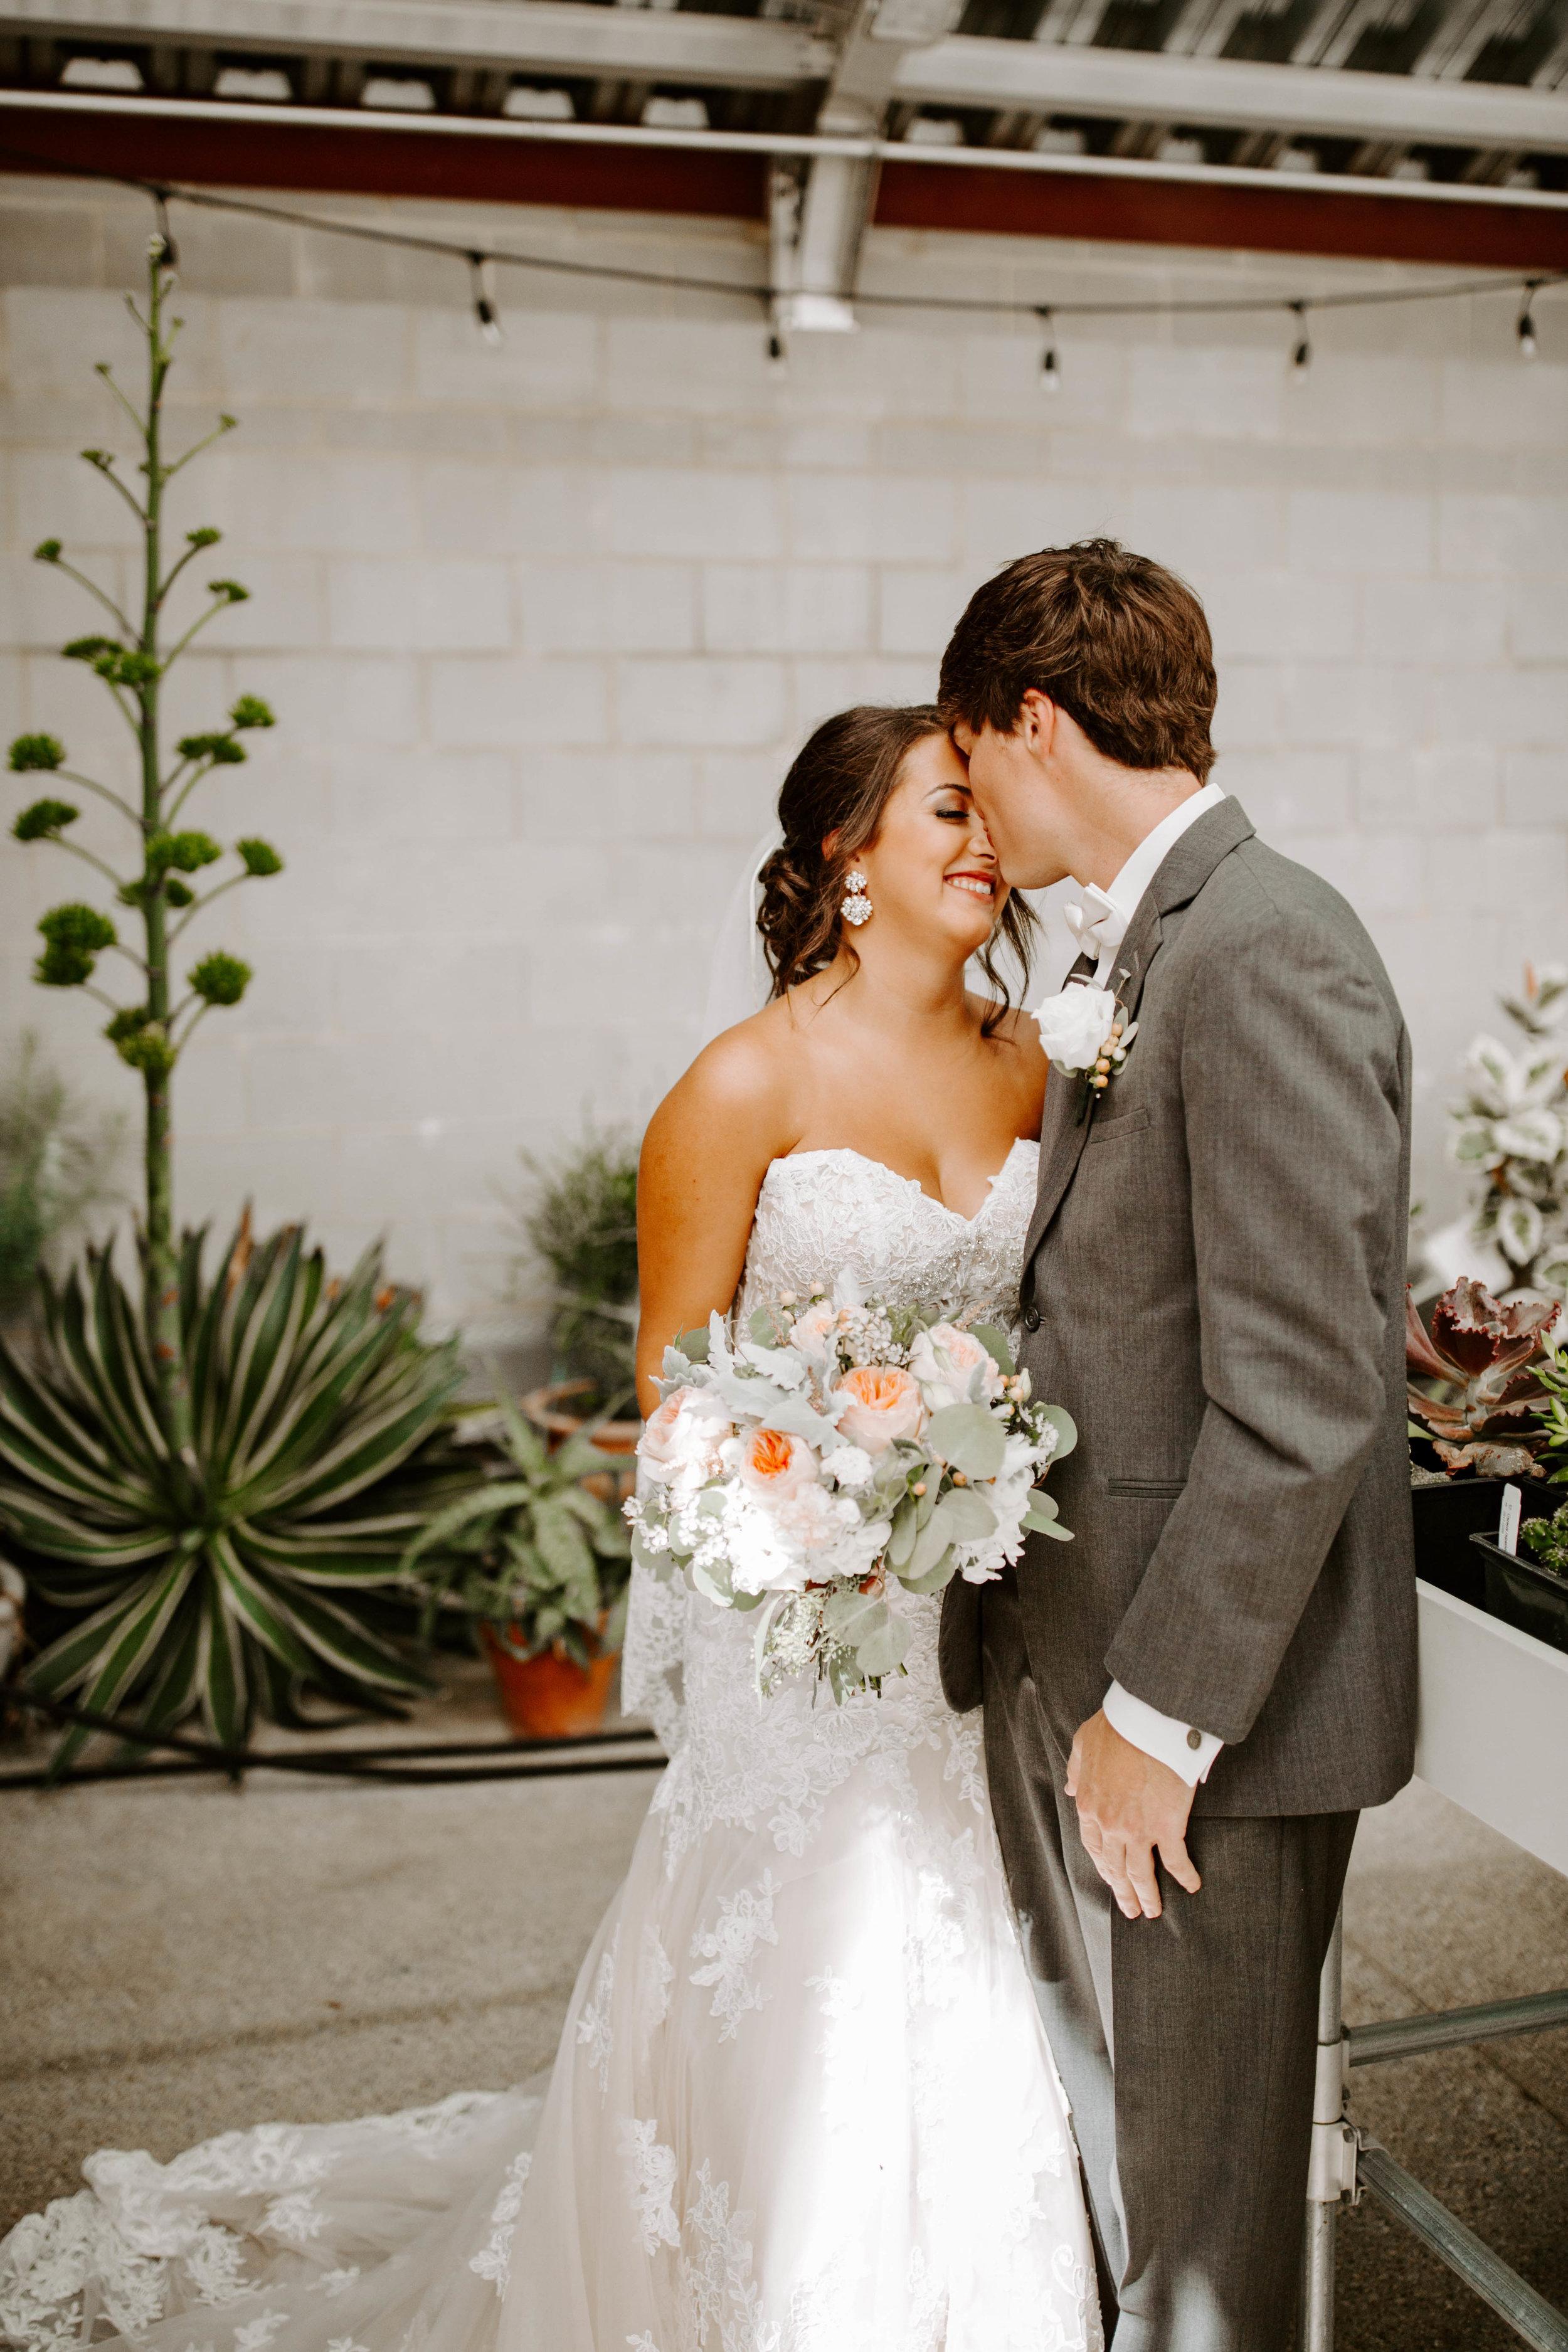 Weddings - elopements: $1,700snack pack: $2,100full pack: $2,700